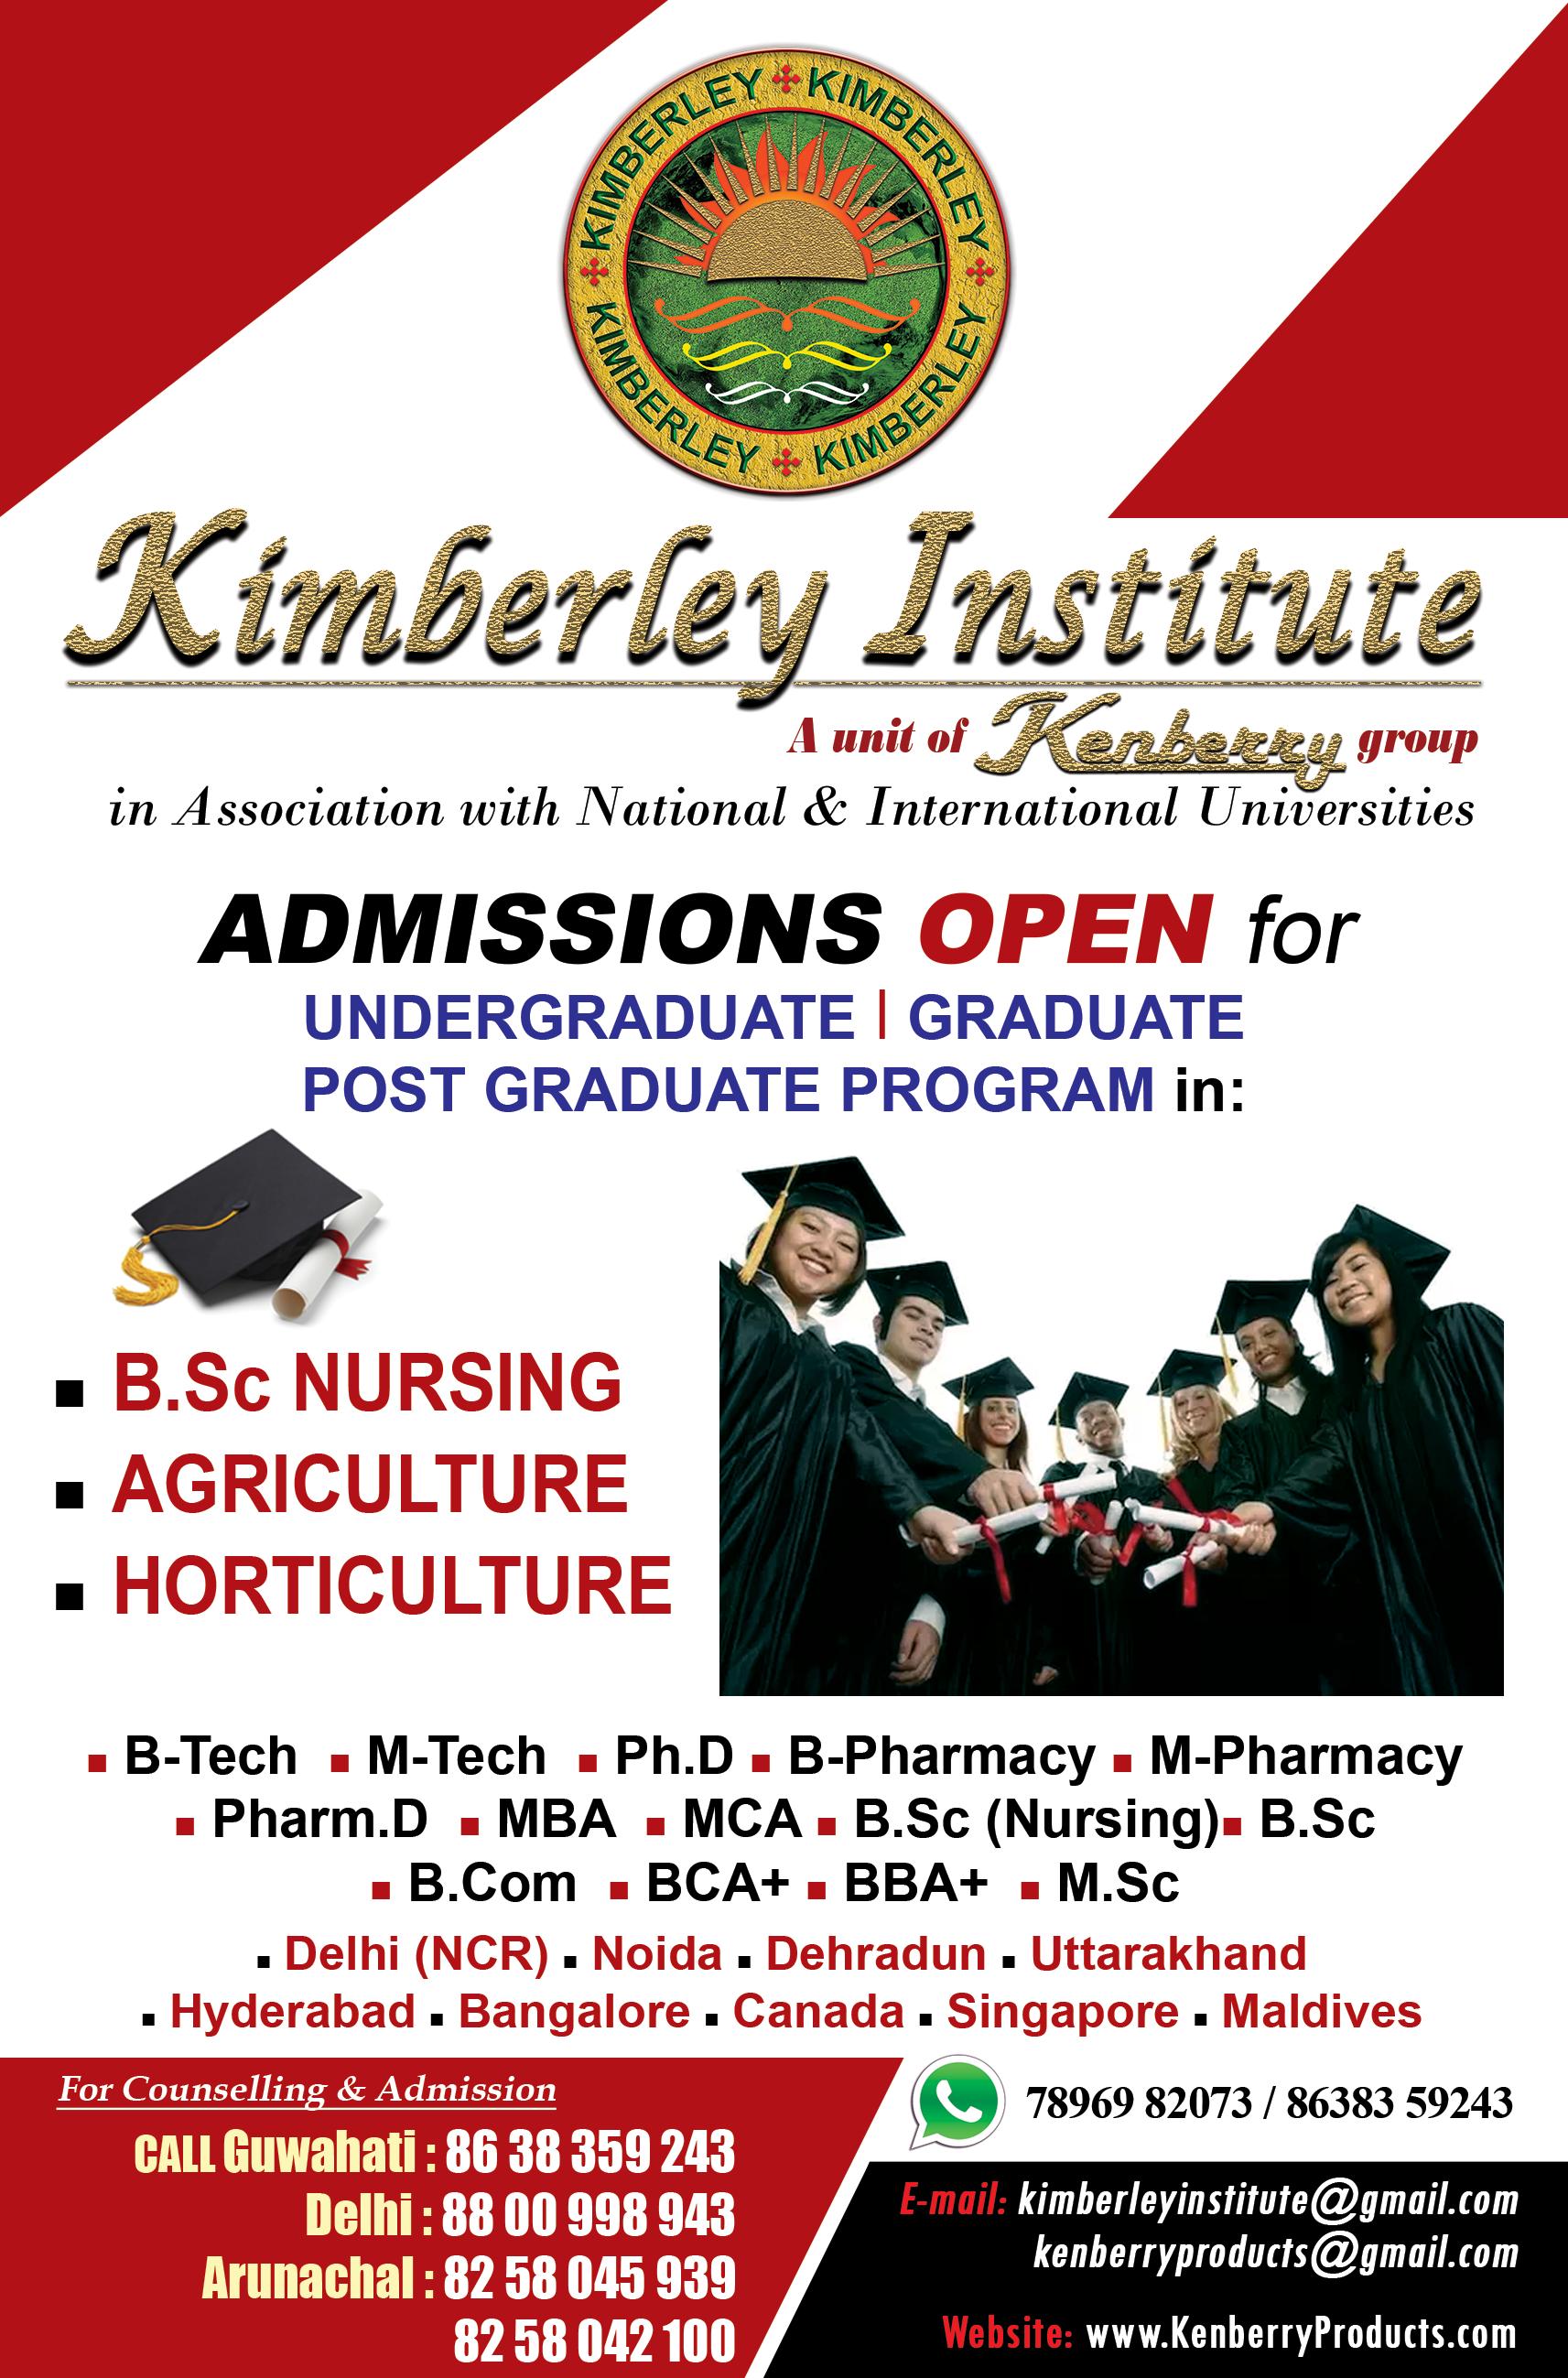 KIMBERLEY INSTITUTE